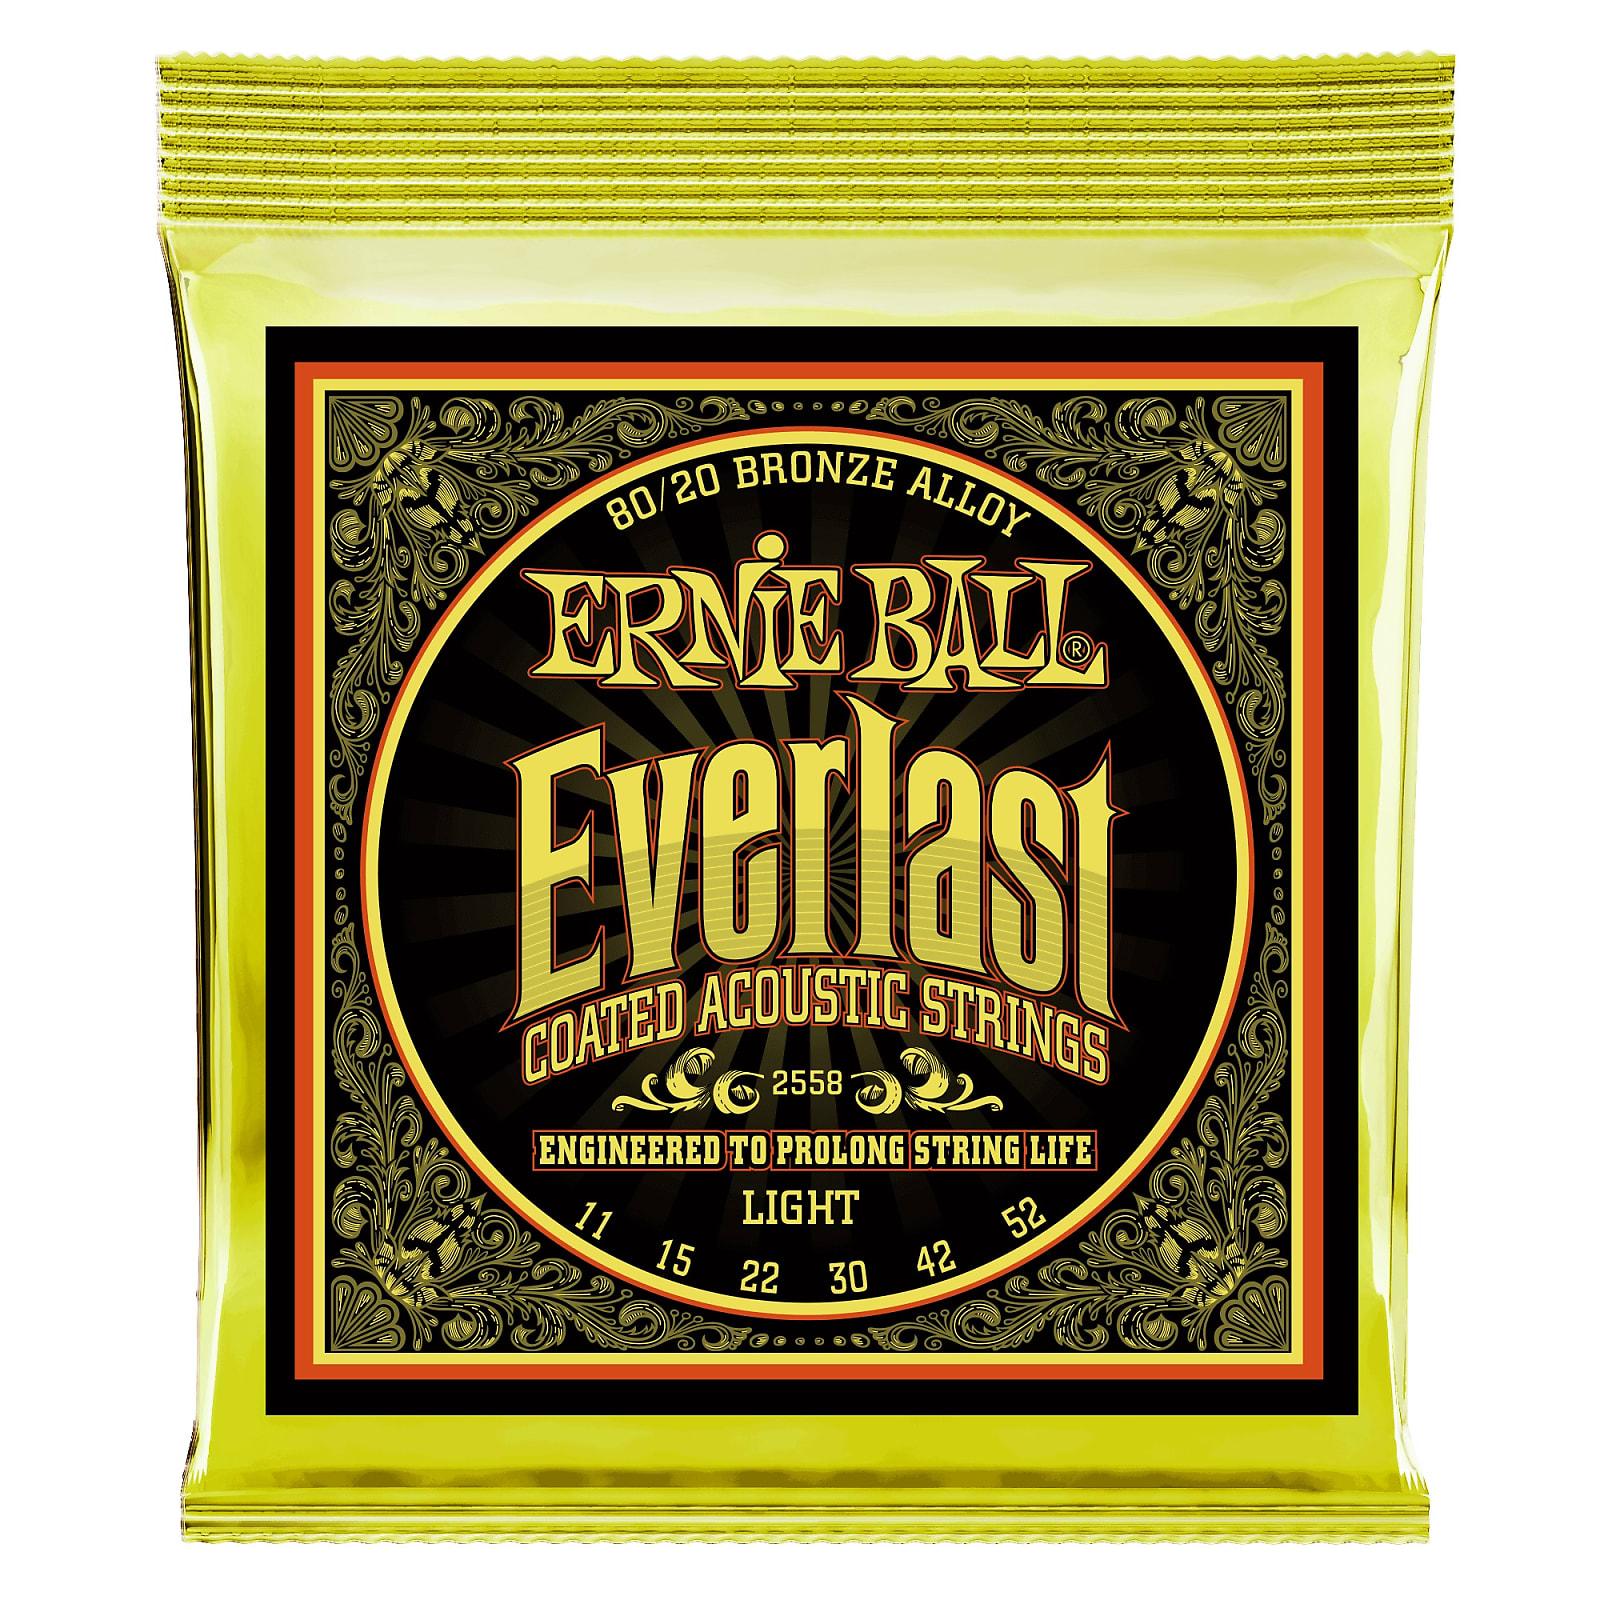 Ernie Ball Everlast Light Coated 80/20 Bronze Acoustic Guitar Strings - 11-52 G